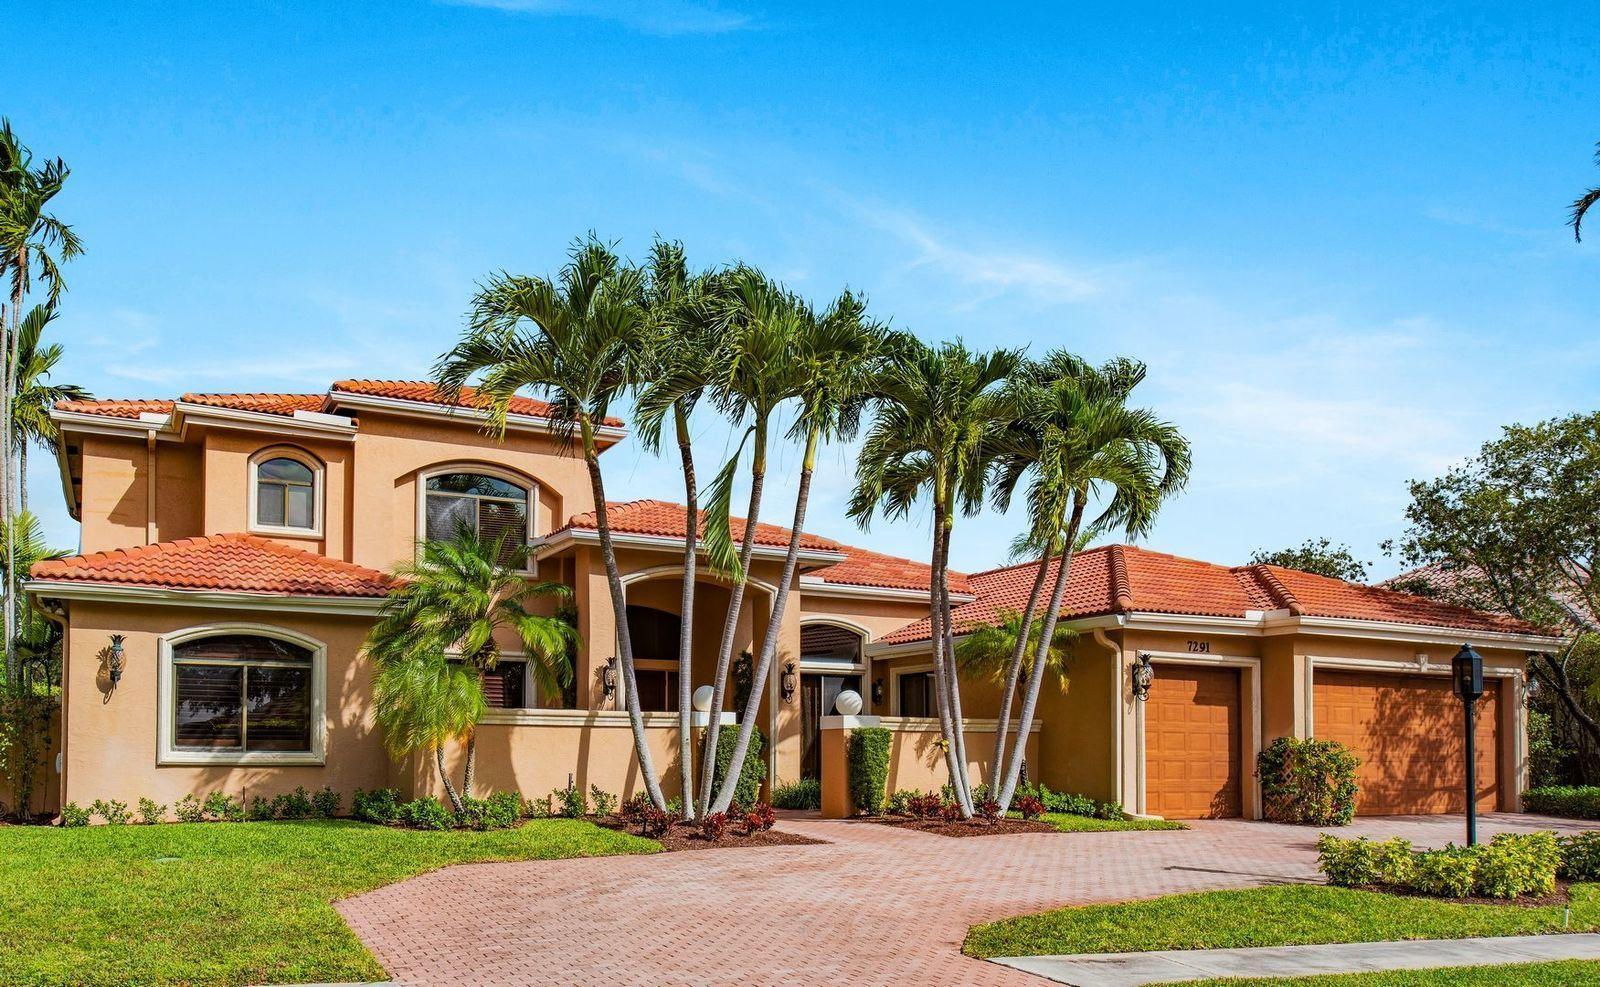 7291 Valencia Drive Boca Raton, FL 33433